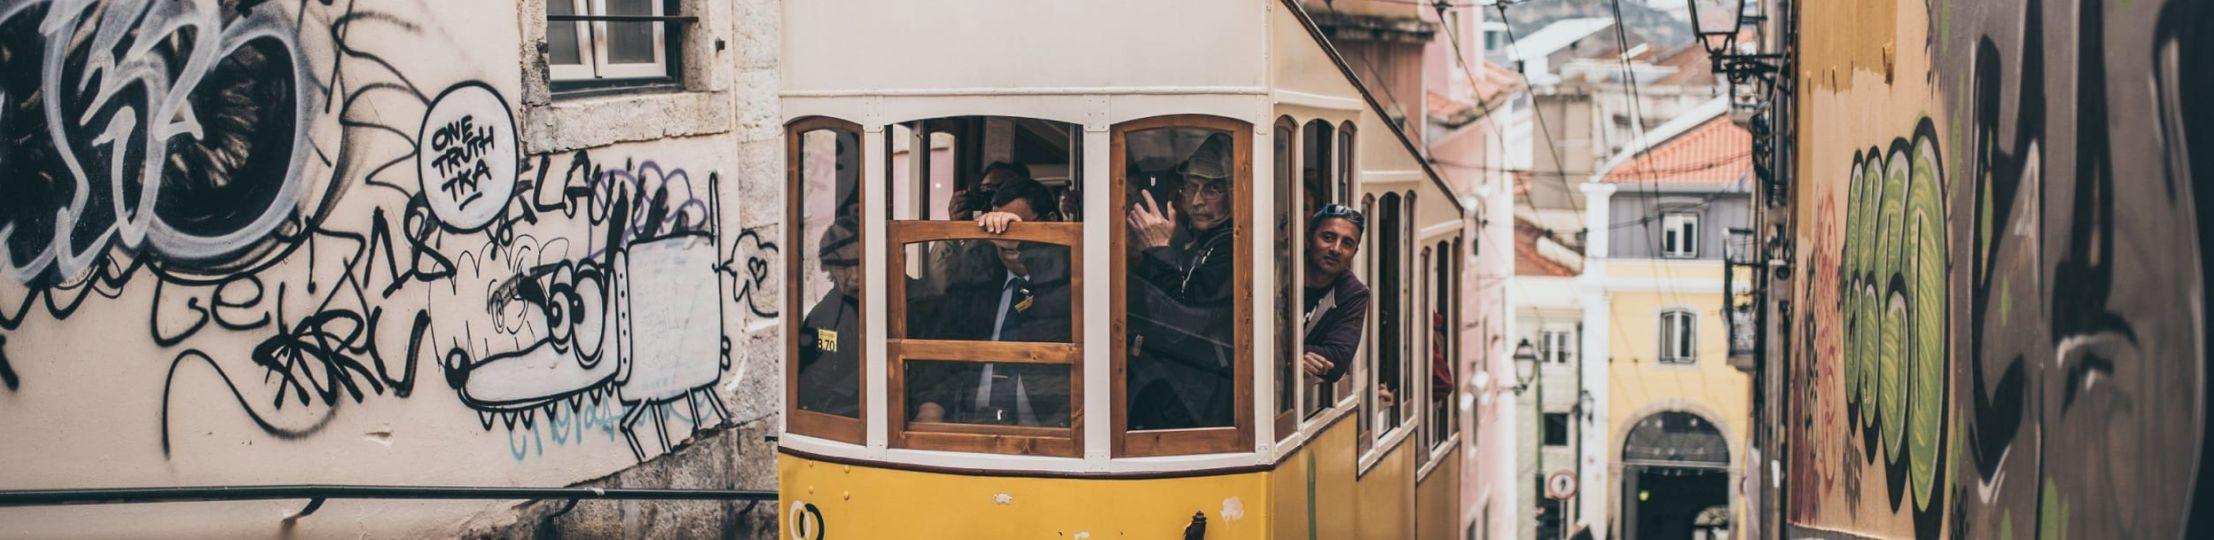 Unsere ausgewählten Künstler aus Lissabon